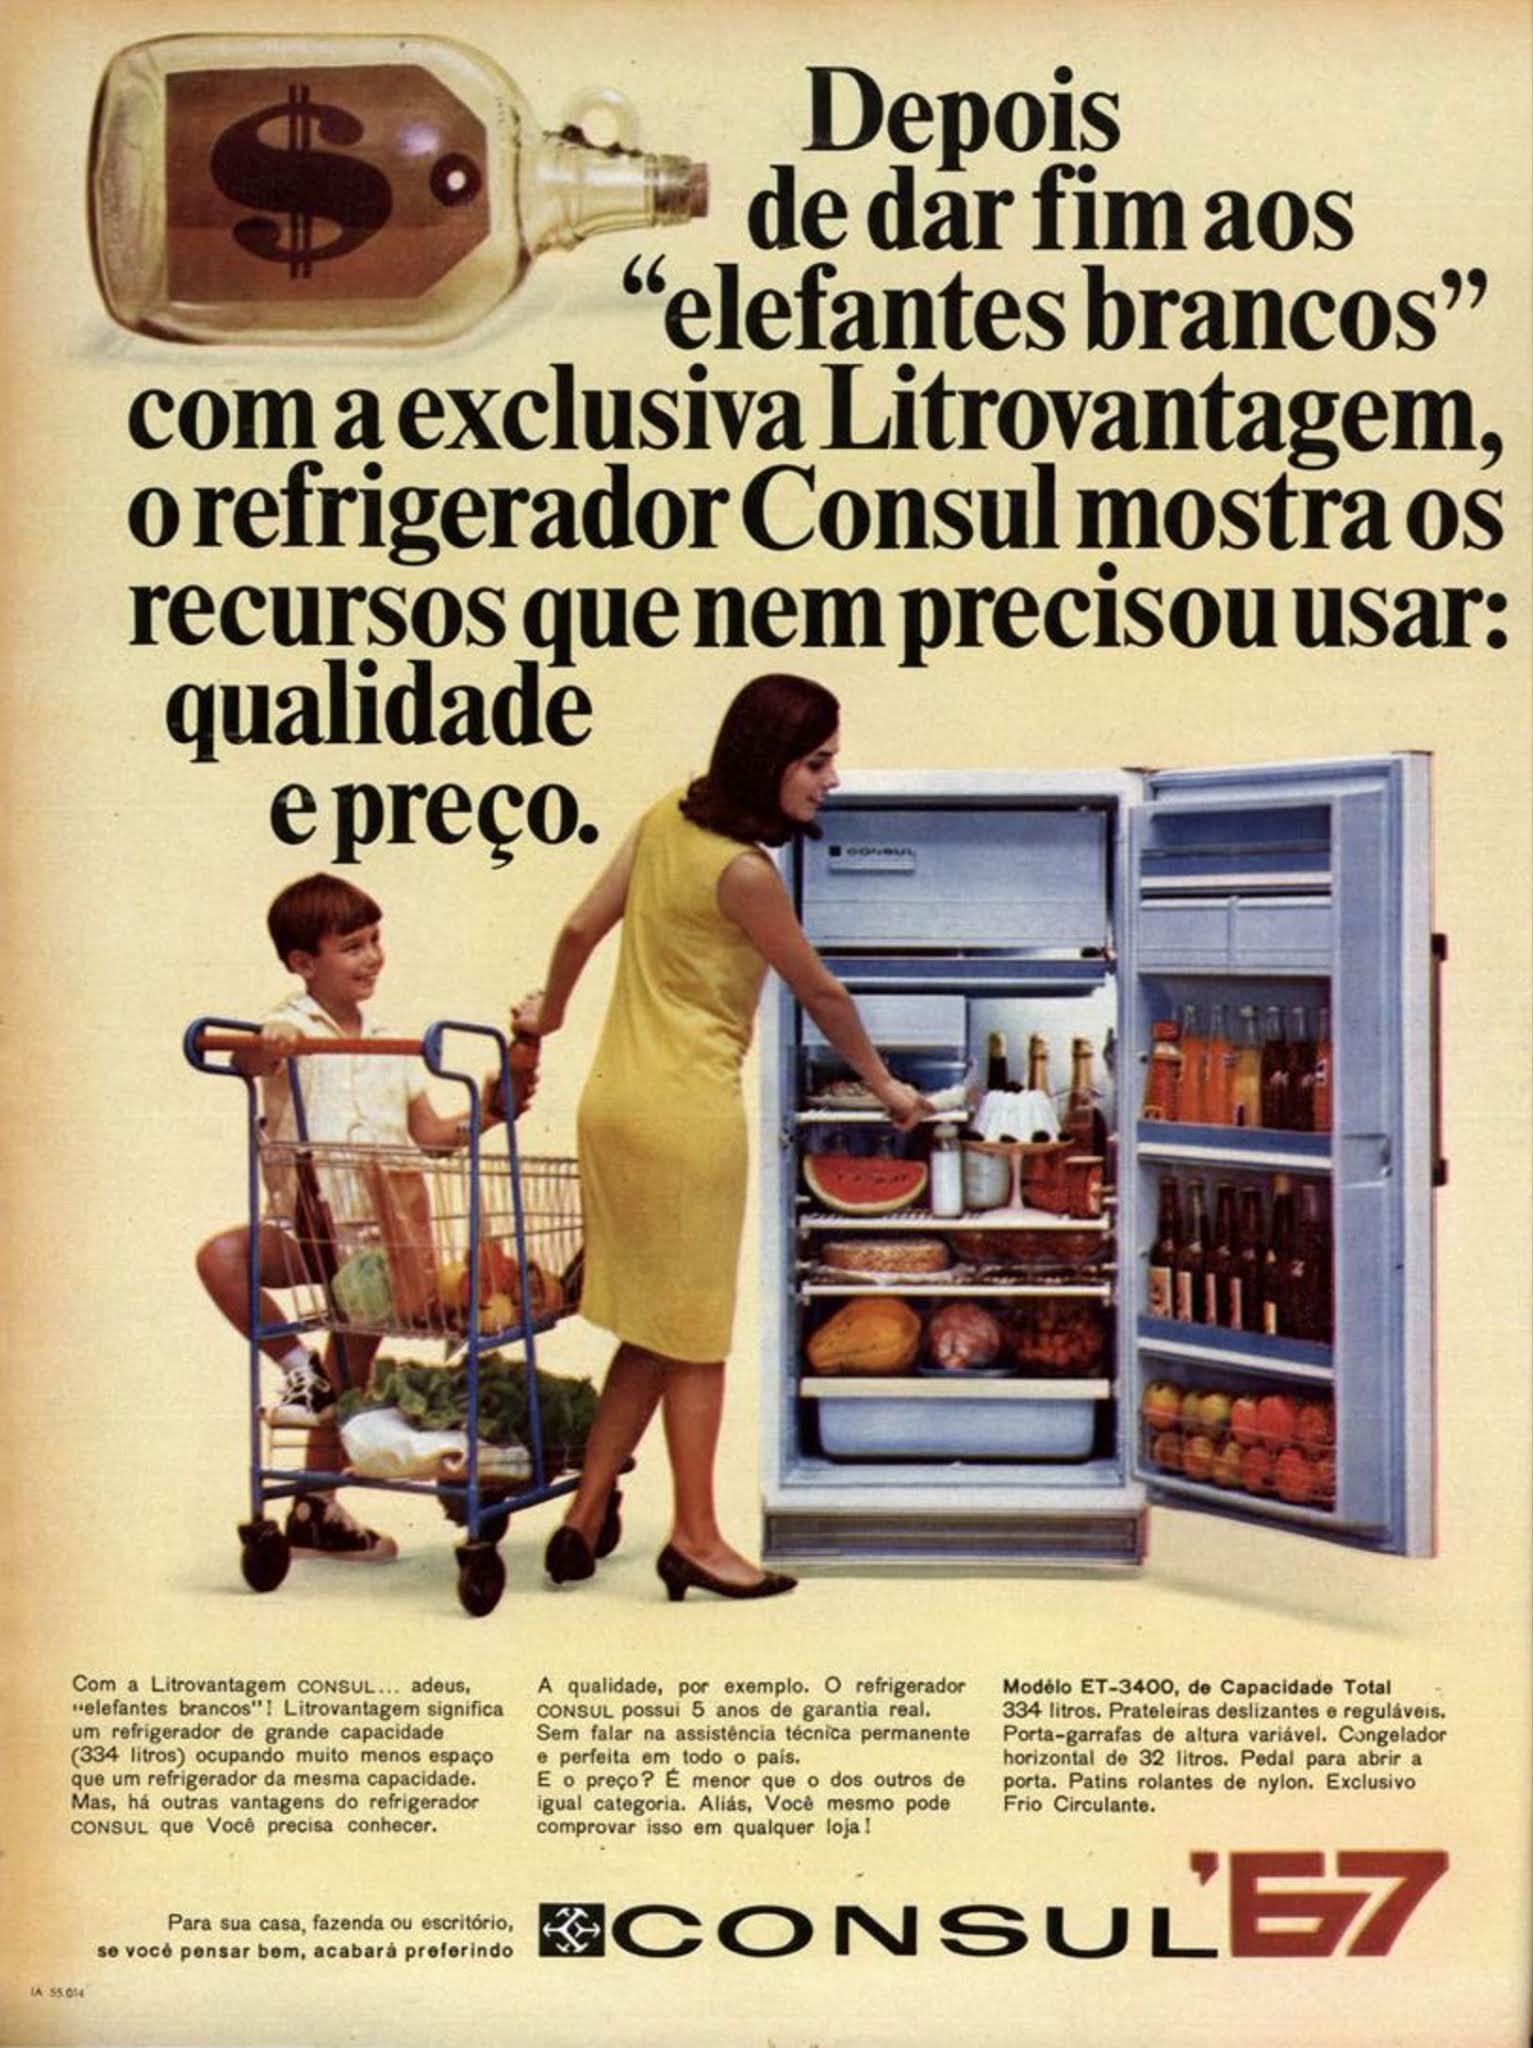 Anúncio antigo do Refrigerador Consul veiculado em 1967